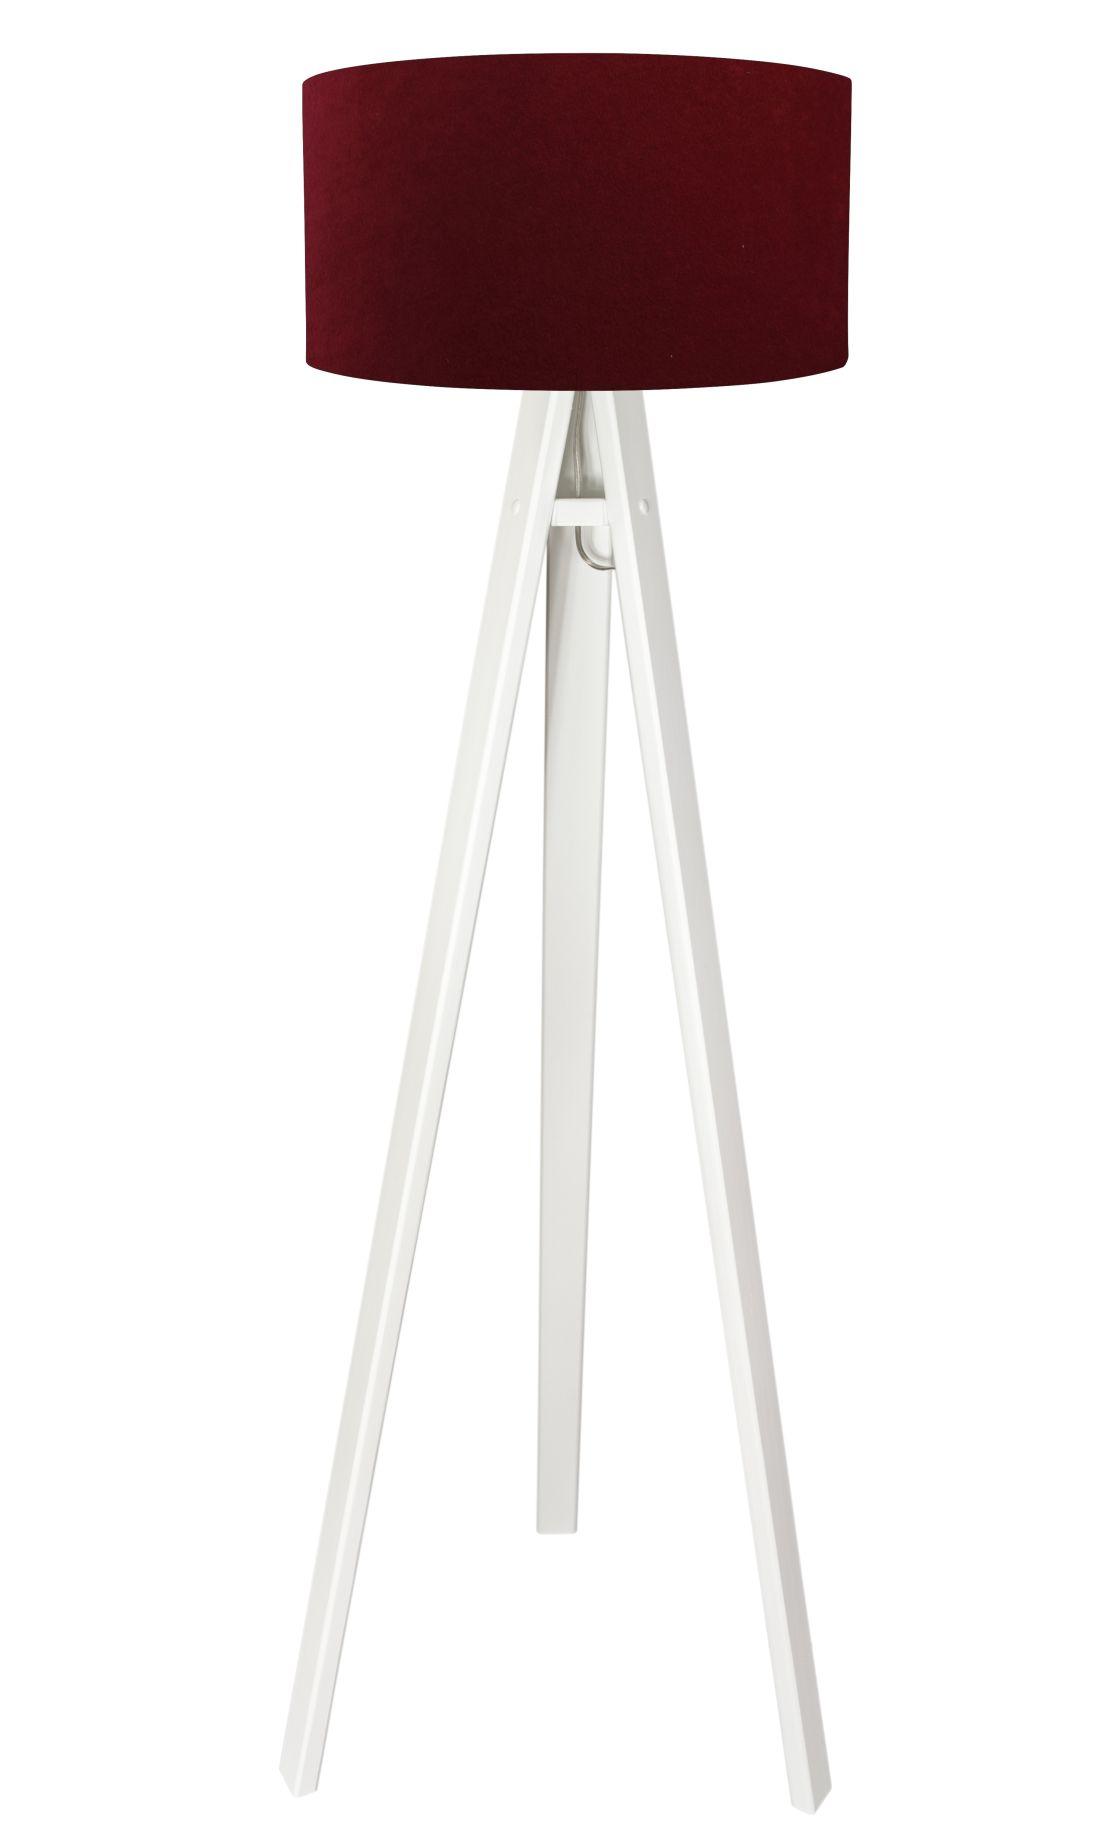 Stehlampe Weiß Schirm Rot Silber Retro Dreibein 140cm